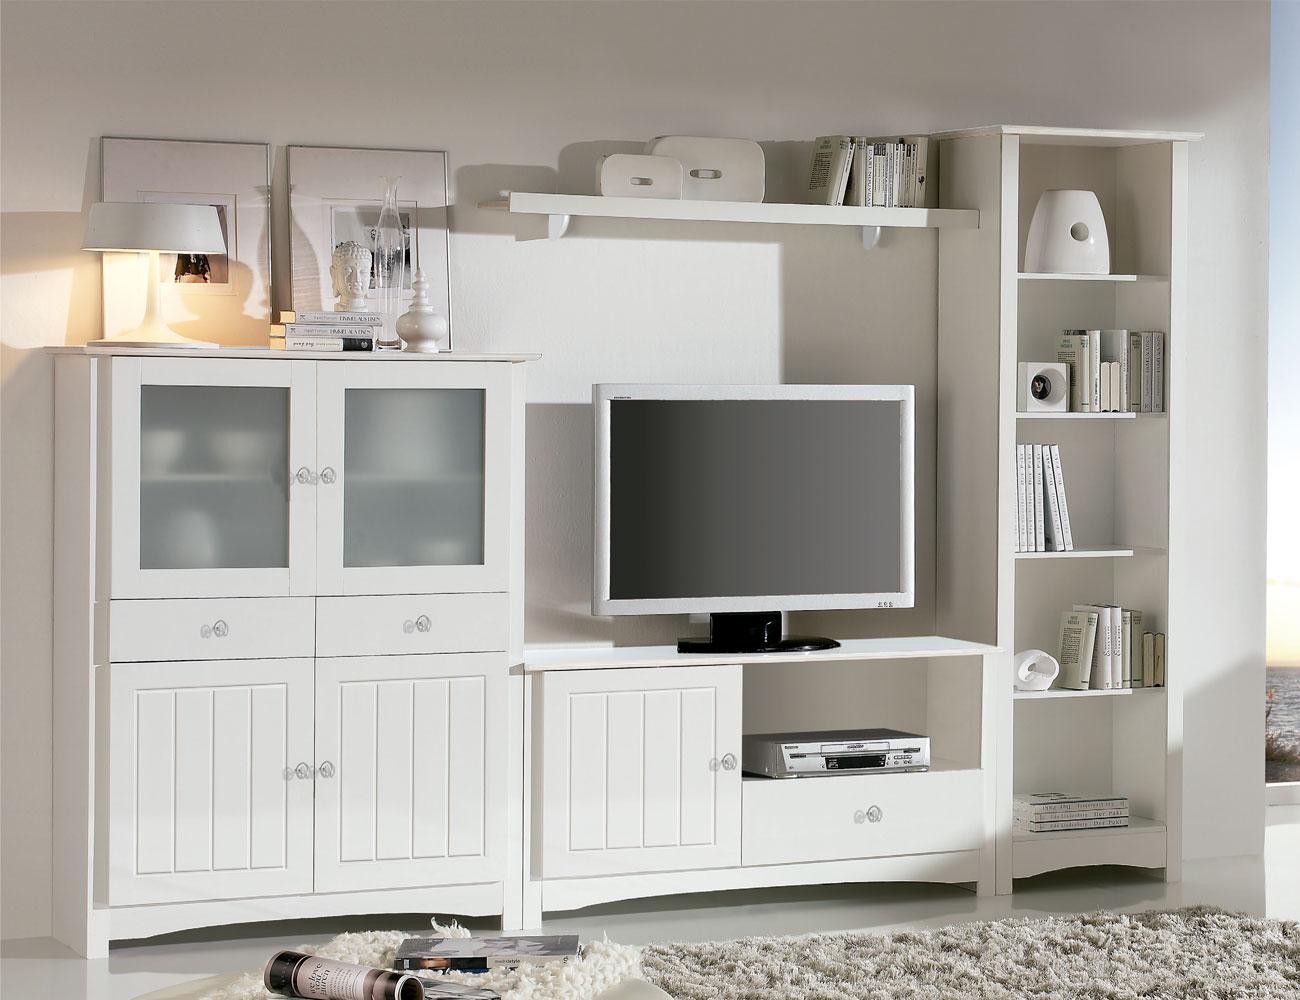 Mueble aparador 3 puertas 3 cajones en madera color - Muebles salon blanco y madera ...